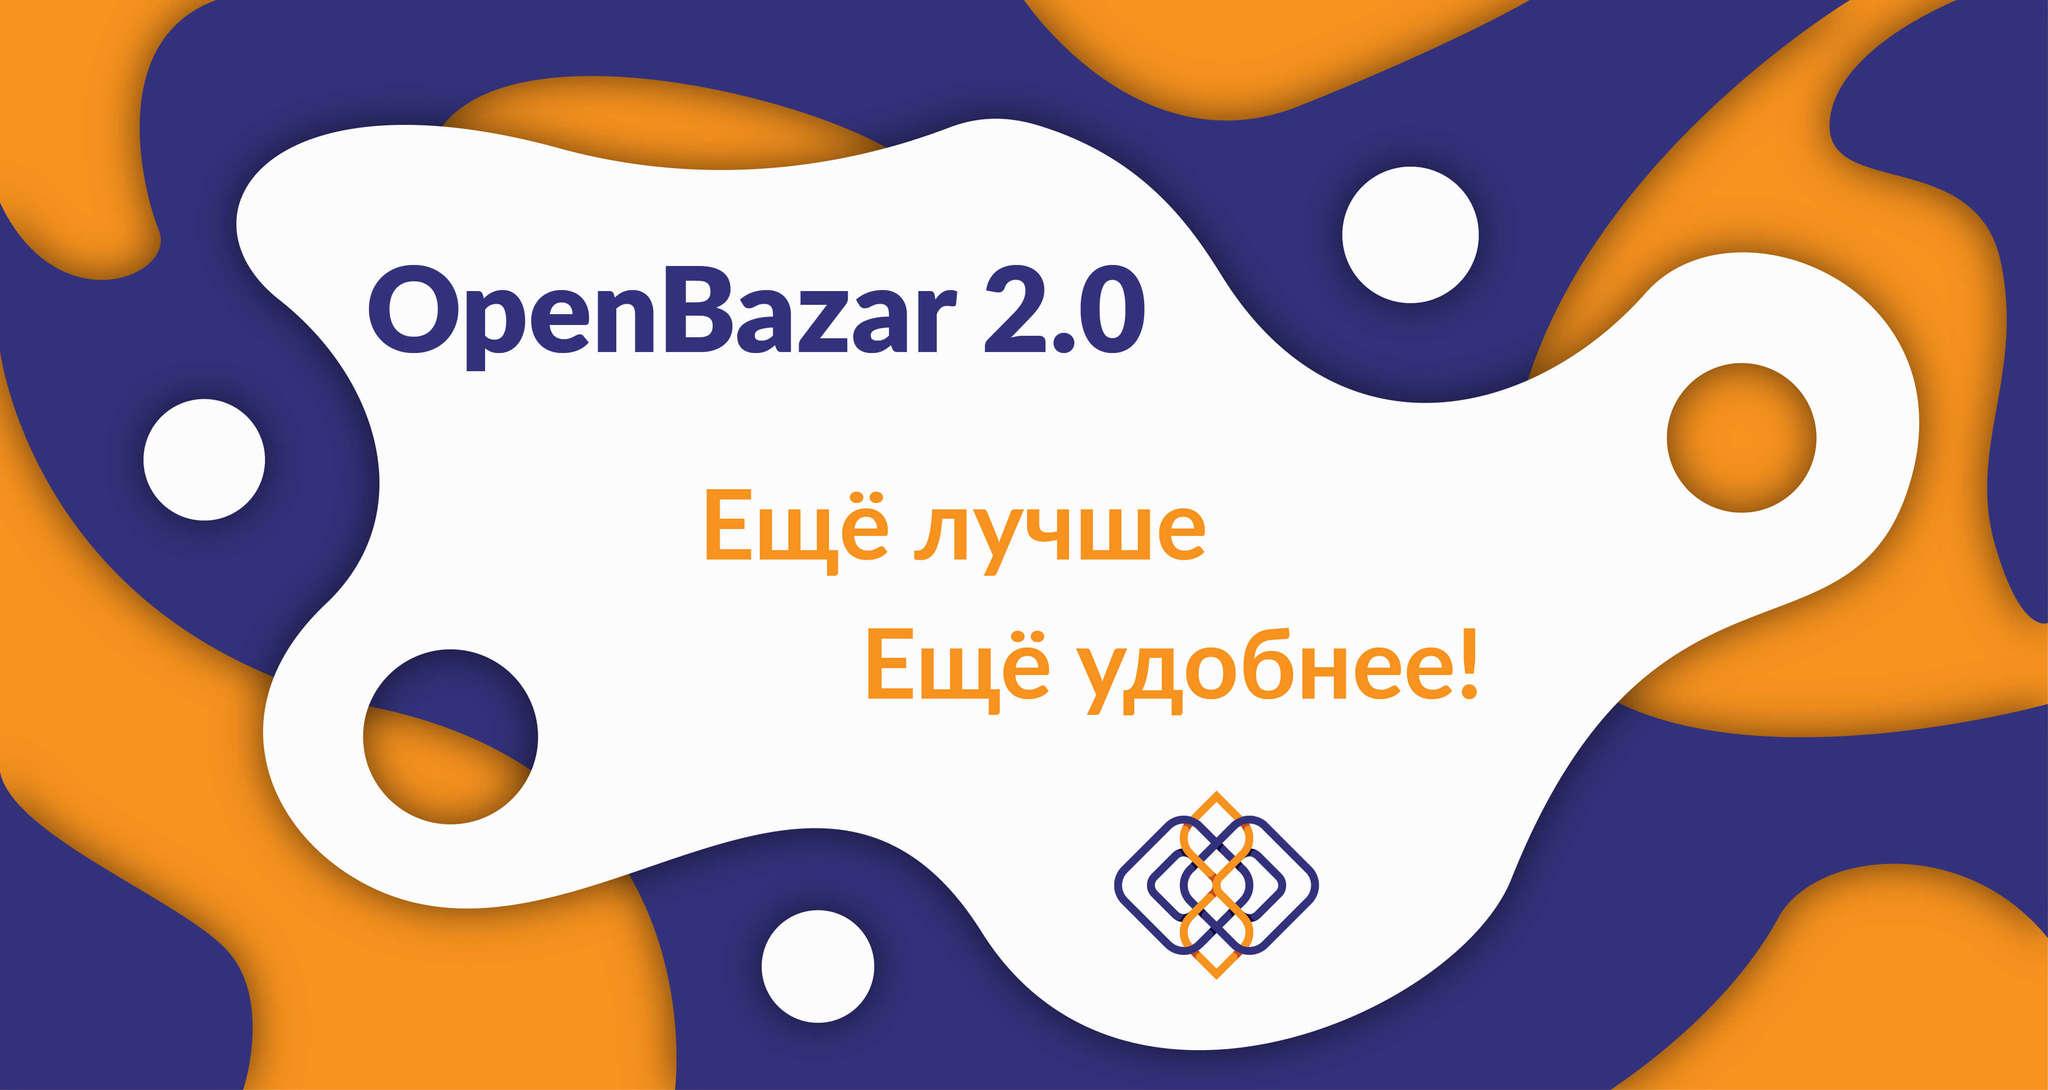 Добро пожаловать на OpenBazar 2.0!